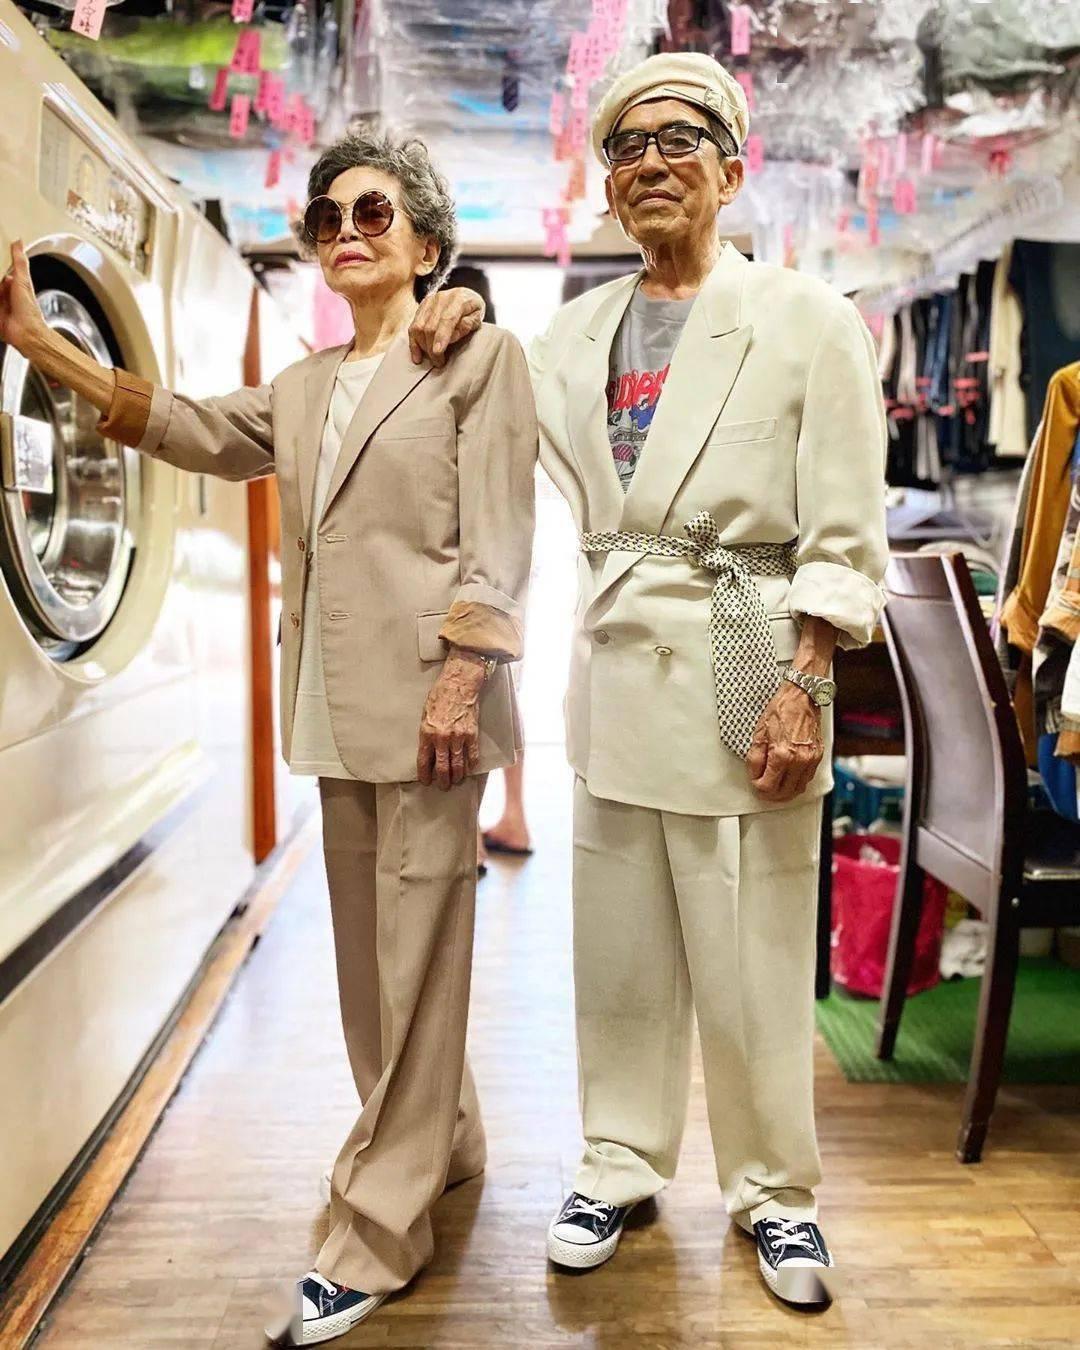 这两位老人,活出了我想要的时髦老年生活!